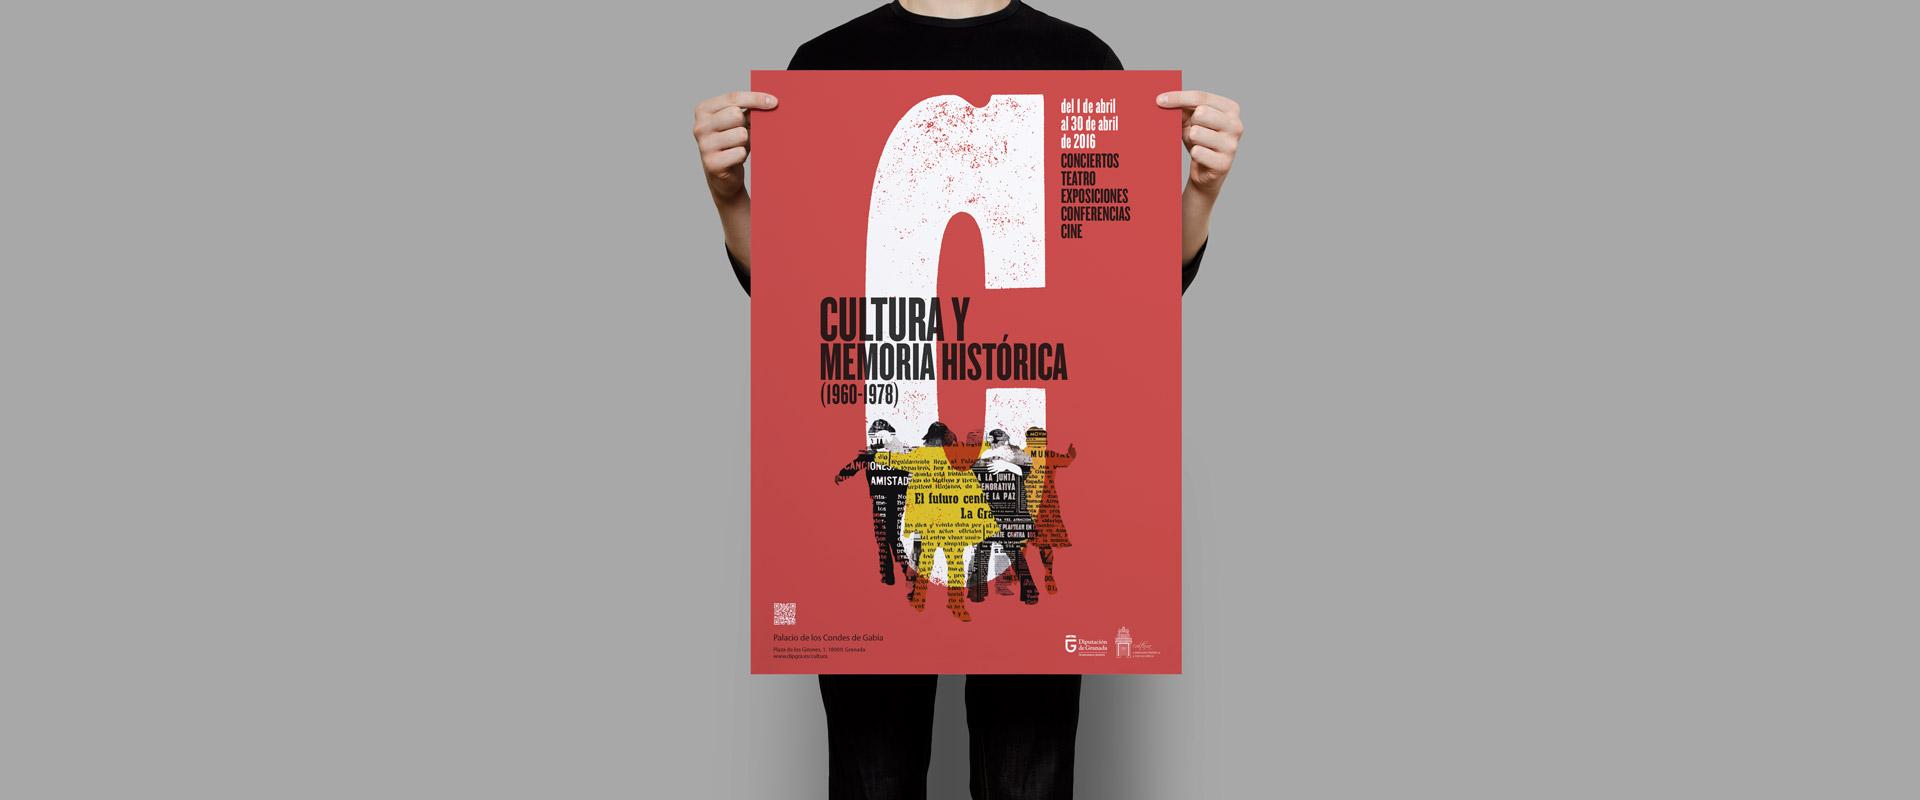 cartel jornadas Cultura y memoria historica Cultura y Memoria Histórica img-total